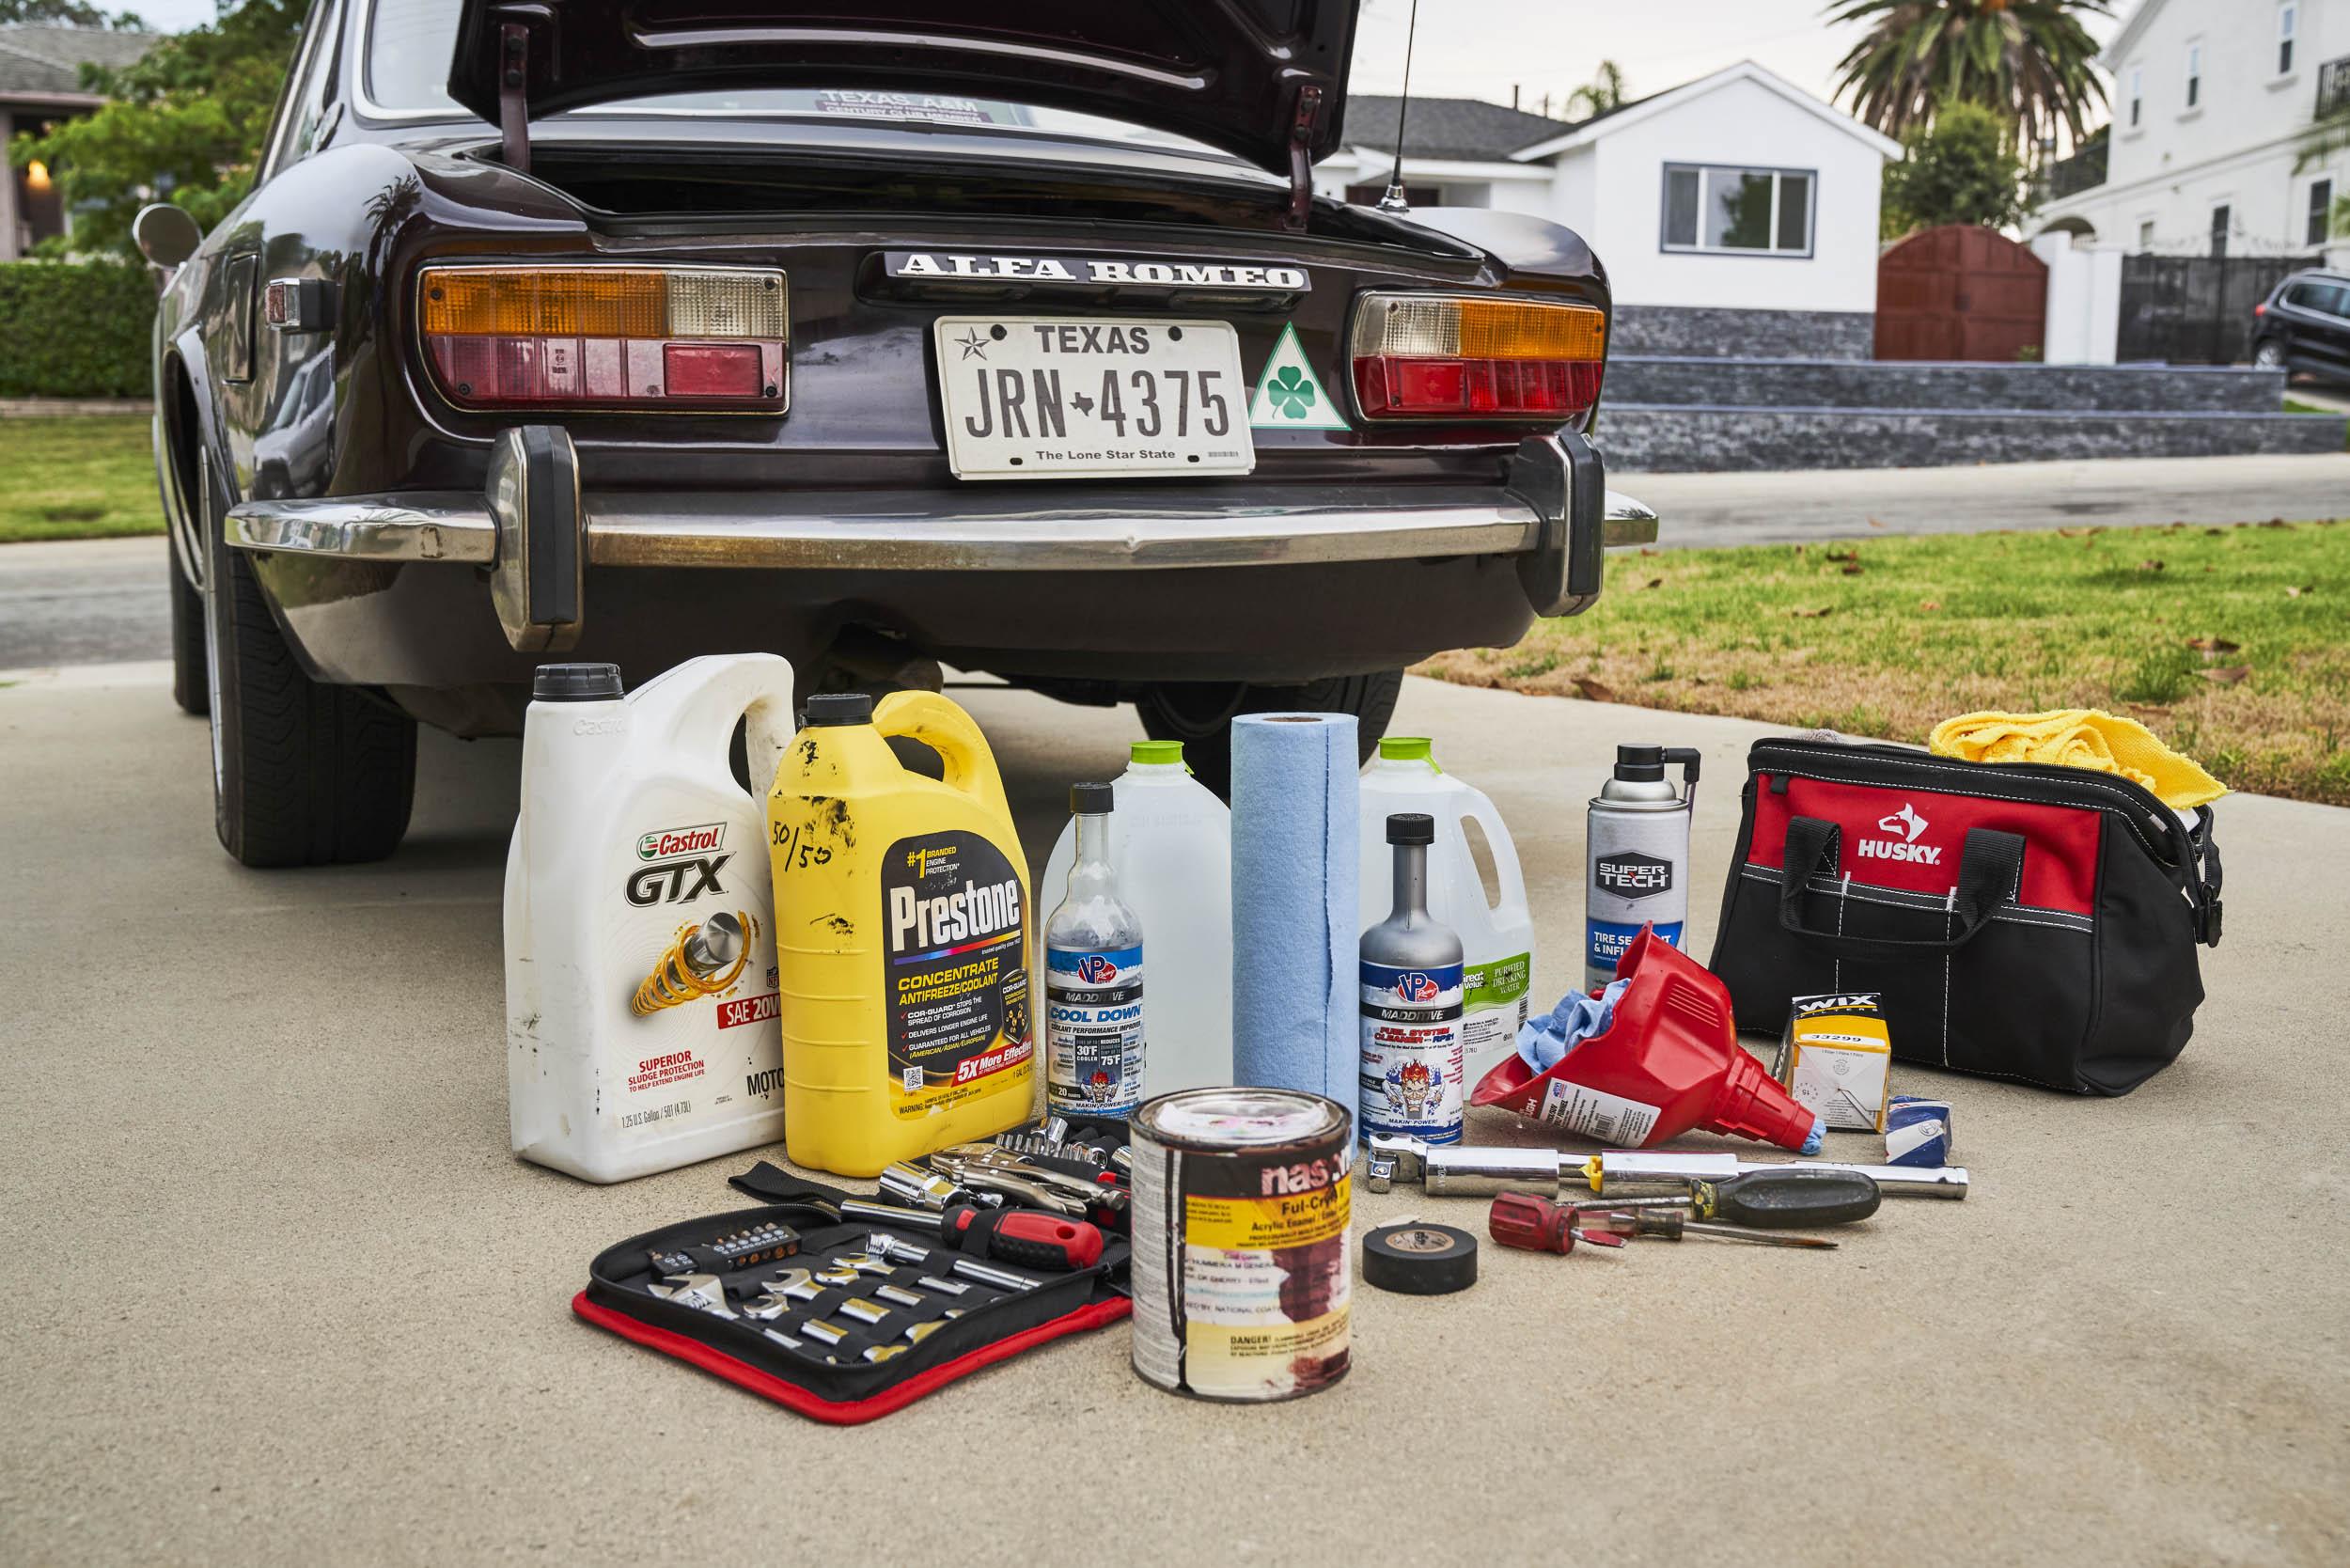 1974 Alfa Romeo GTV 2000 road trip essentials